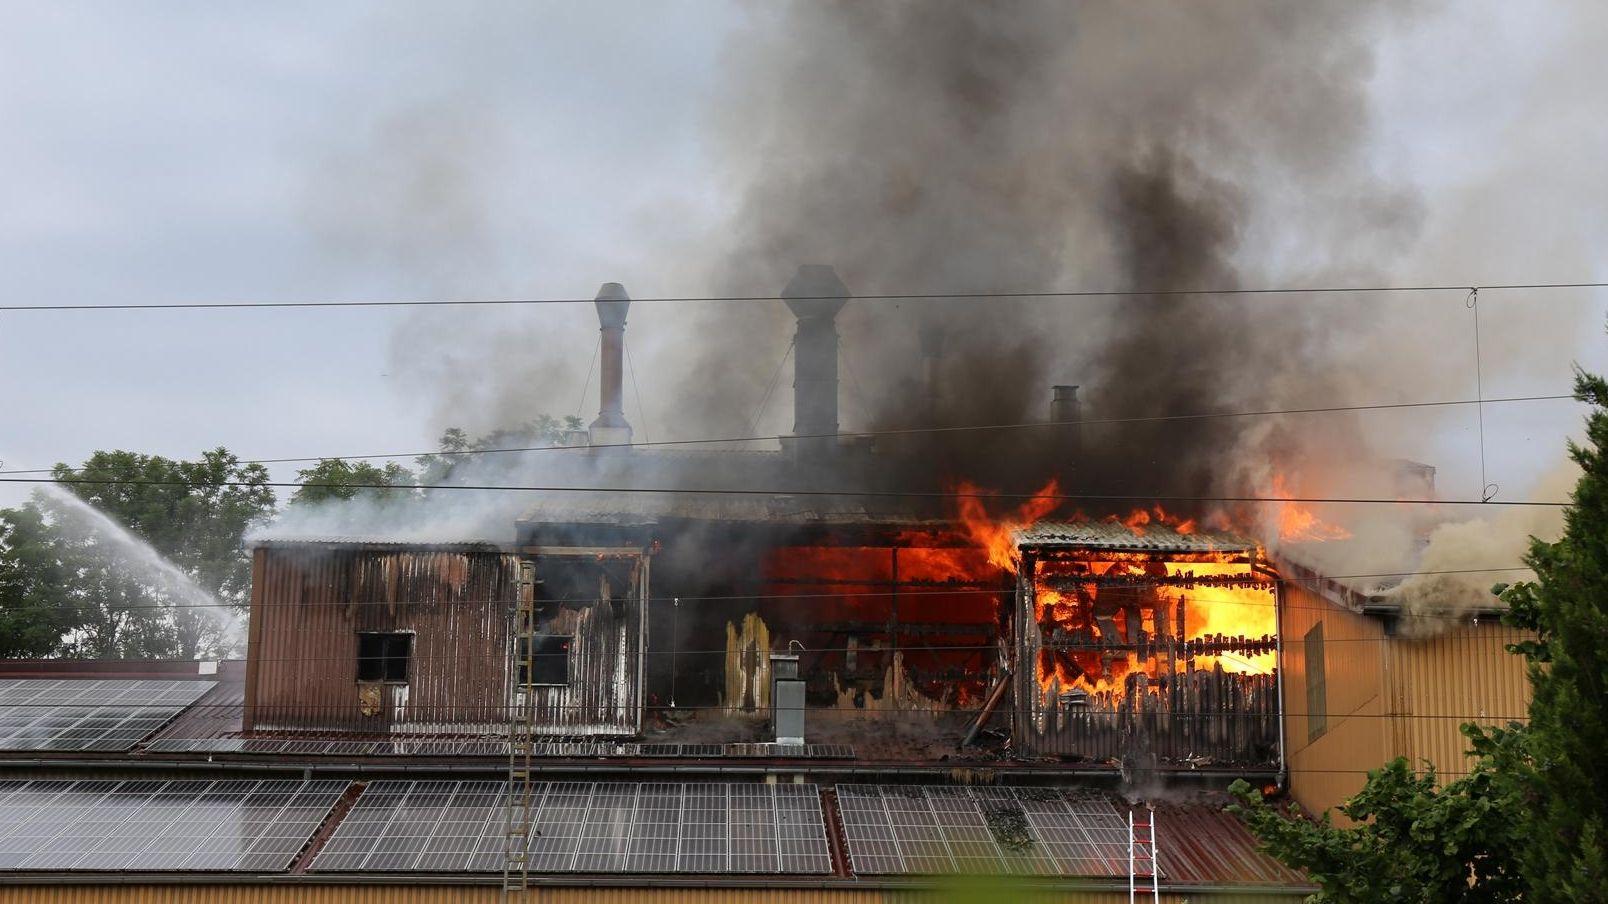 Eine Lagerhalle in der Bahnhofstraße in Mindelheim brennt. Der Bahnhof wird nicht mehr angefahren.